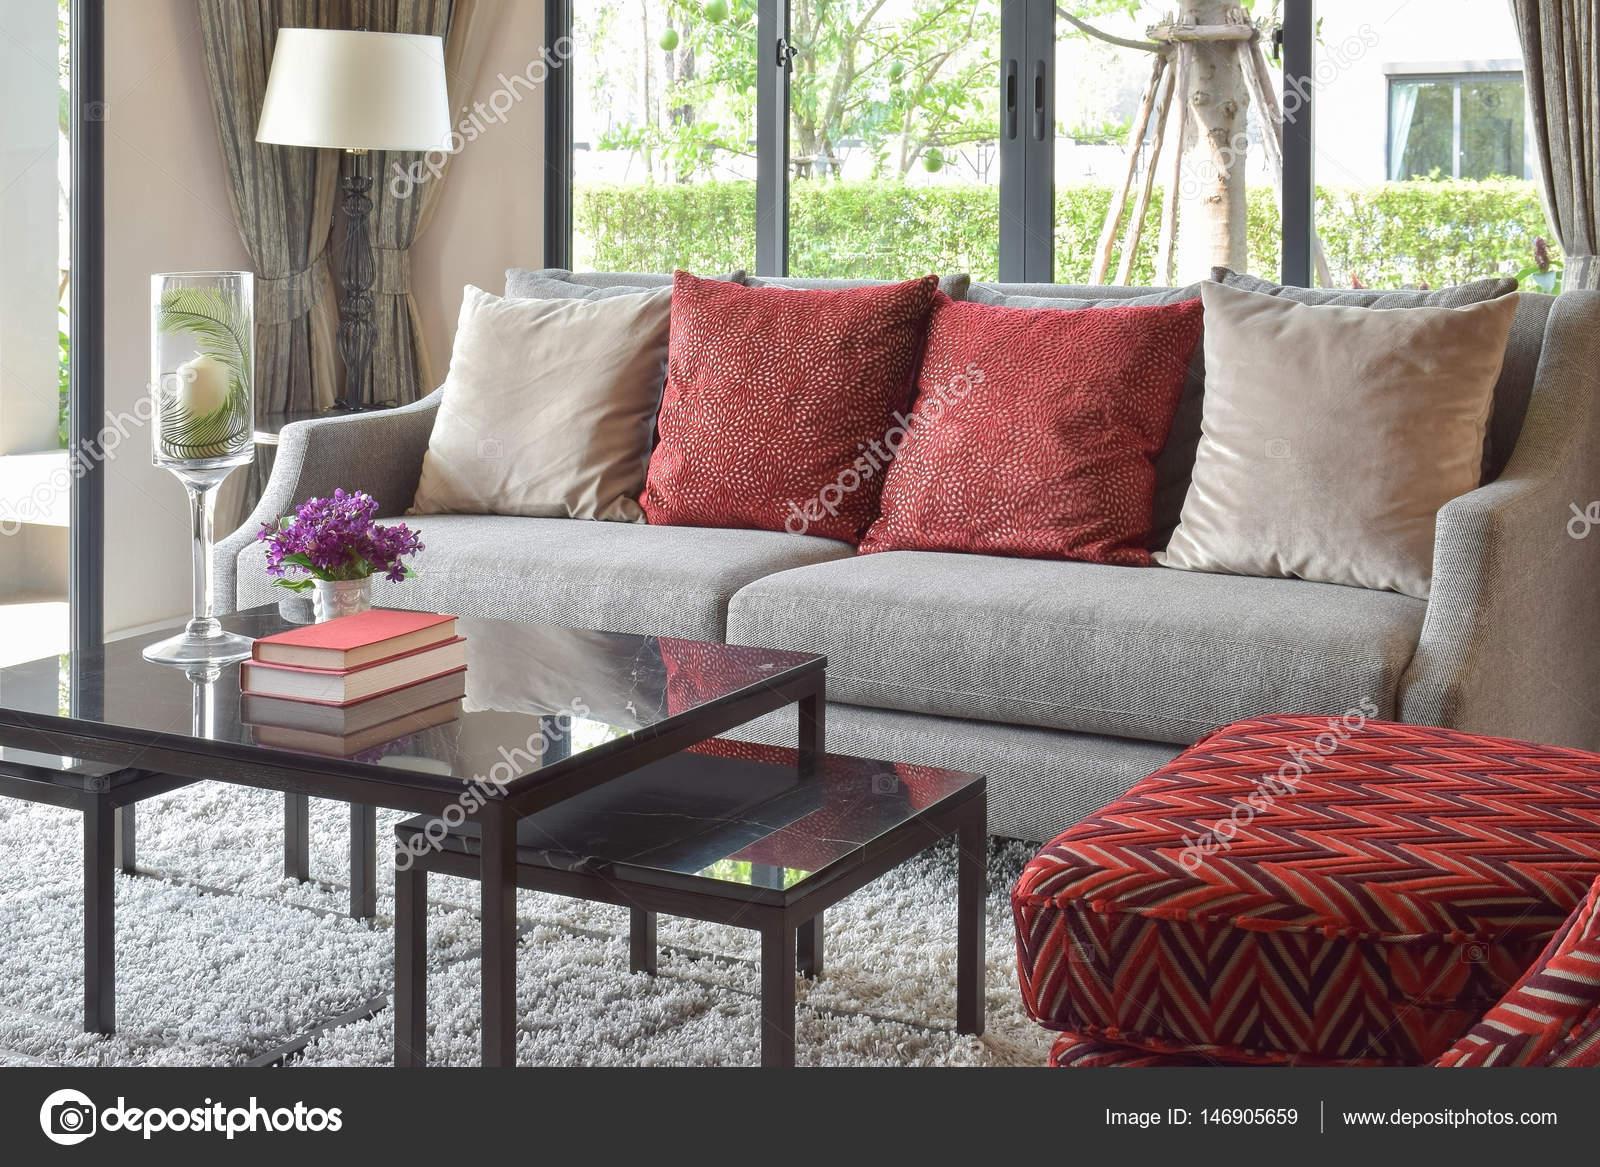 Design Woonkamer Decoratie : Moderne woonkamer design met rode kussens op de bank en